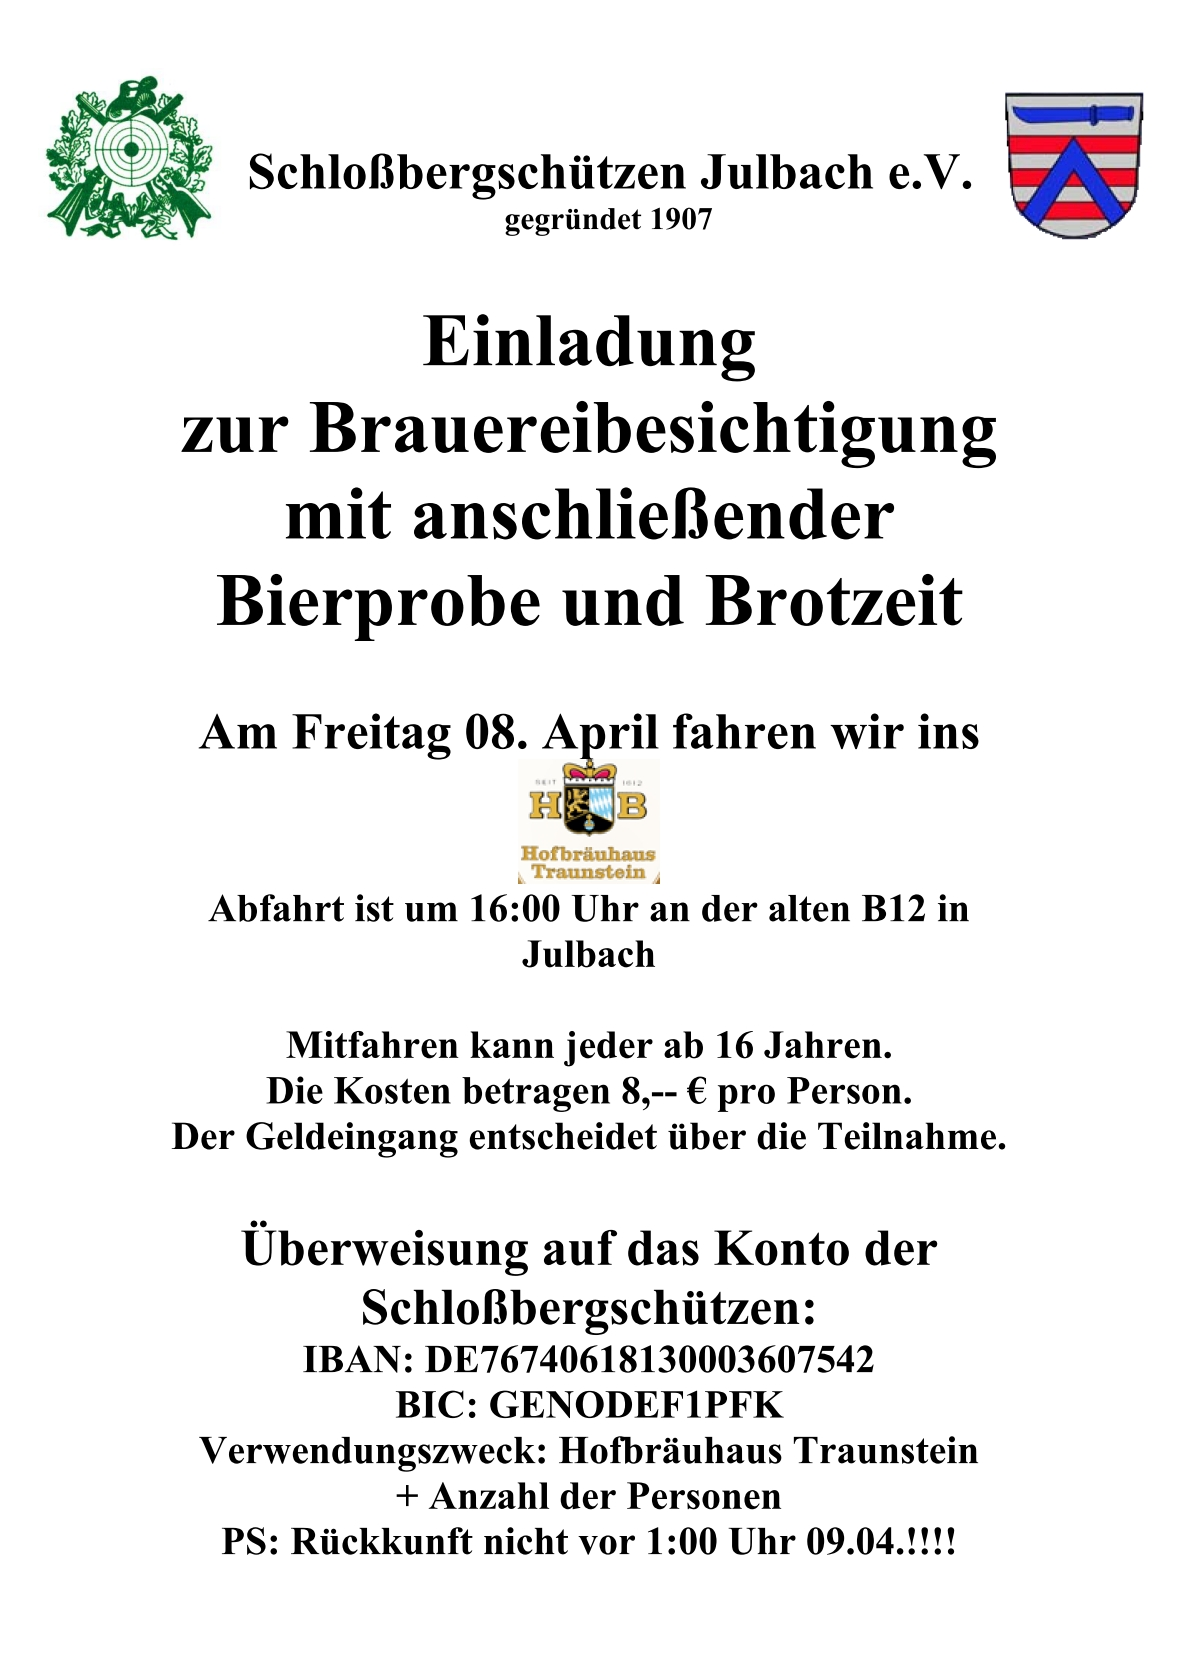 Einladung_Brauereibesichtigung